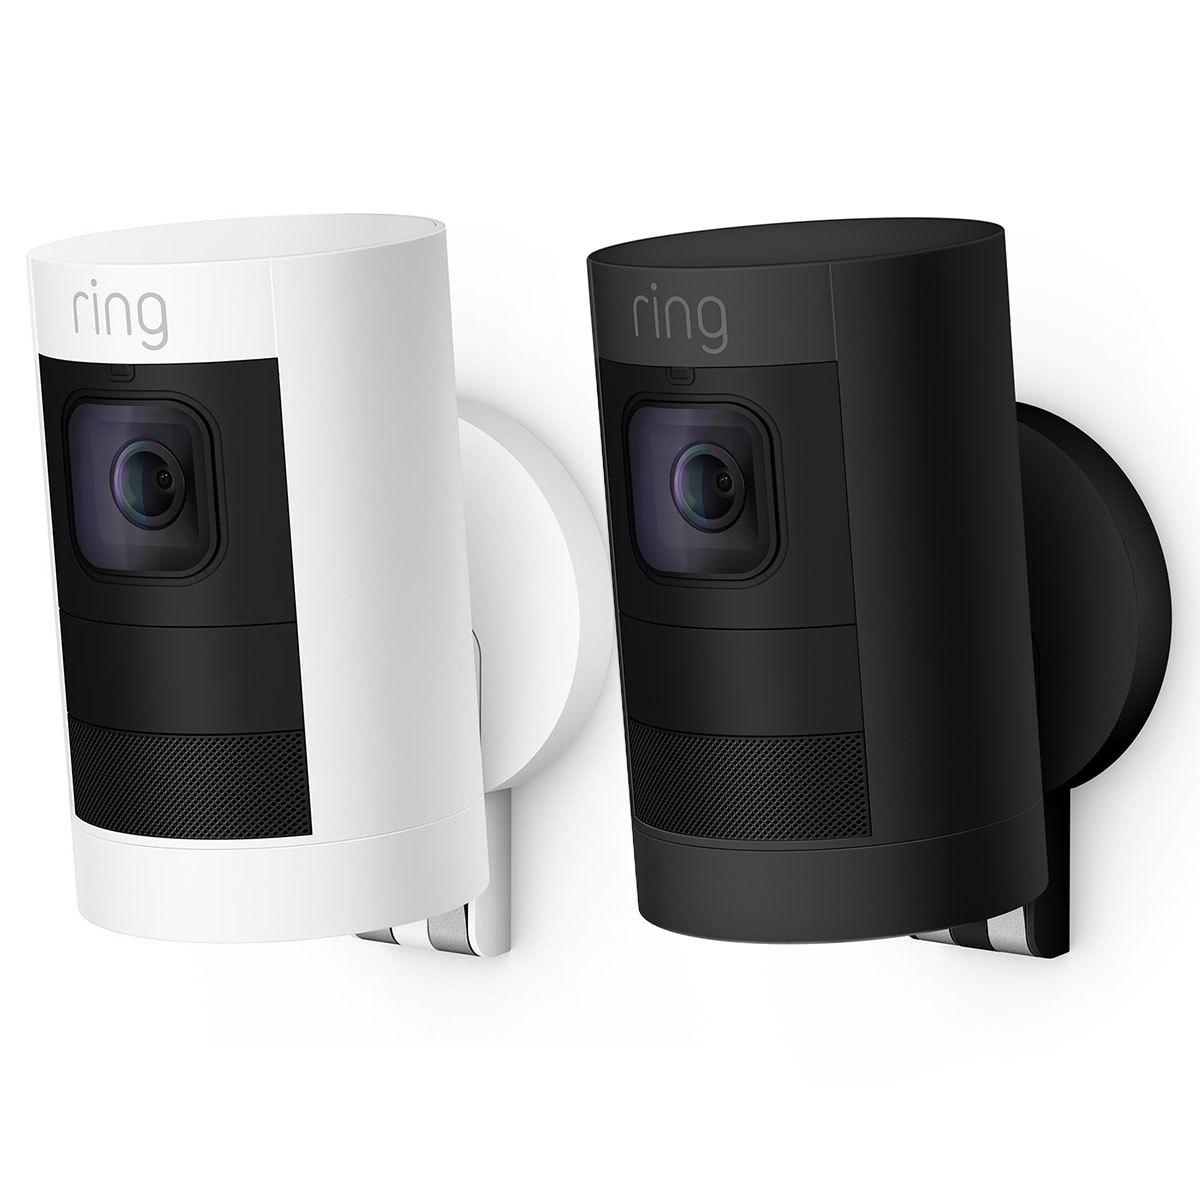 Ring stick up cam @ Costco - £129.99 @ Costco